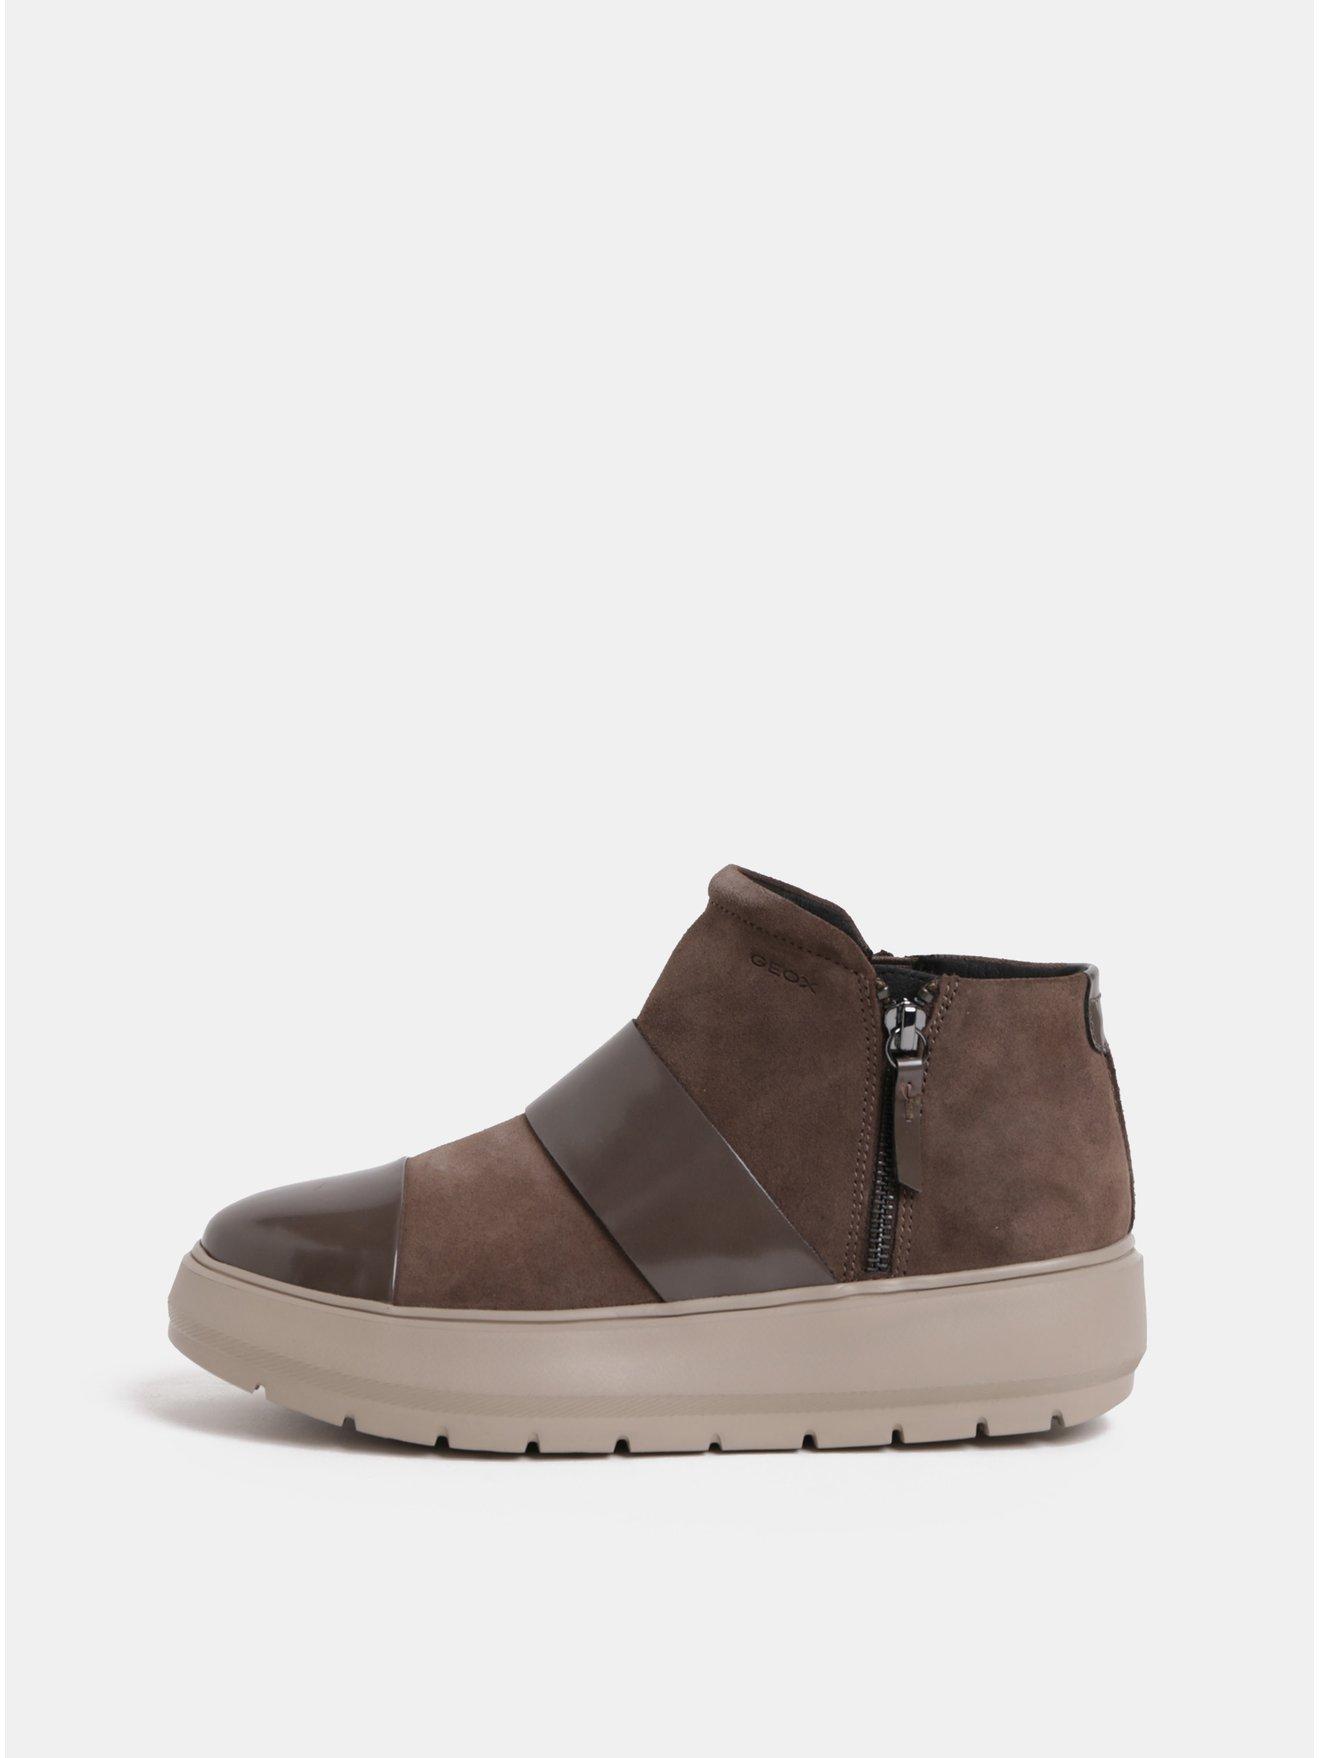 Hnědé dámské semišové kotníkové boty na platformě Geox Kaula